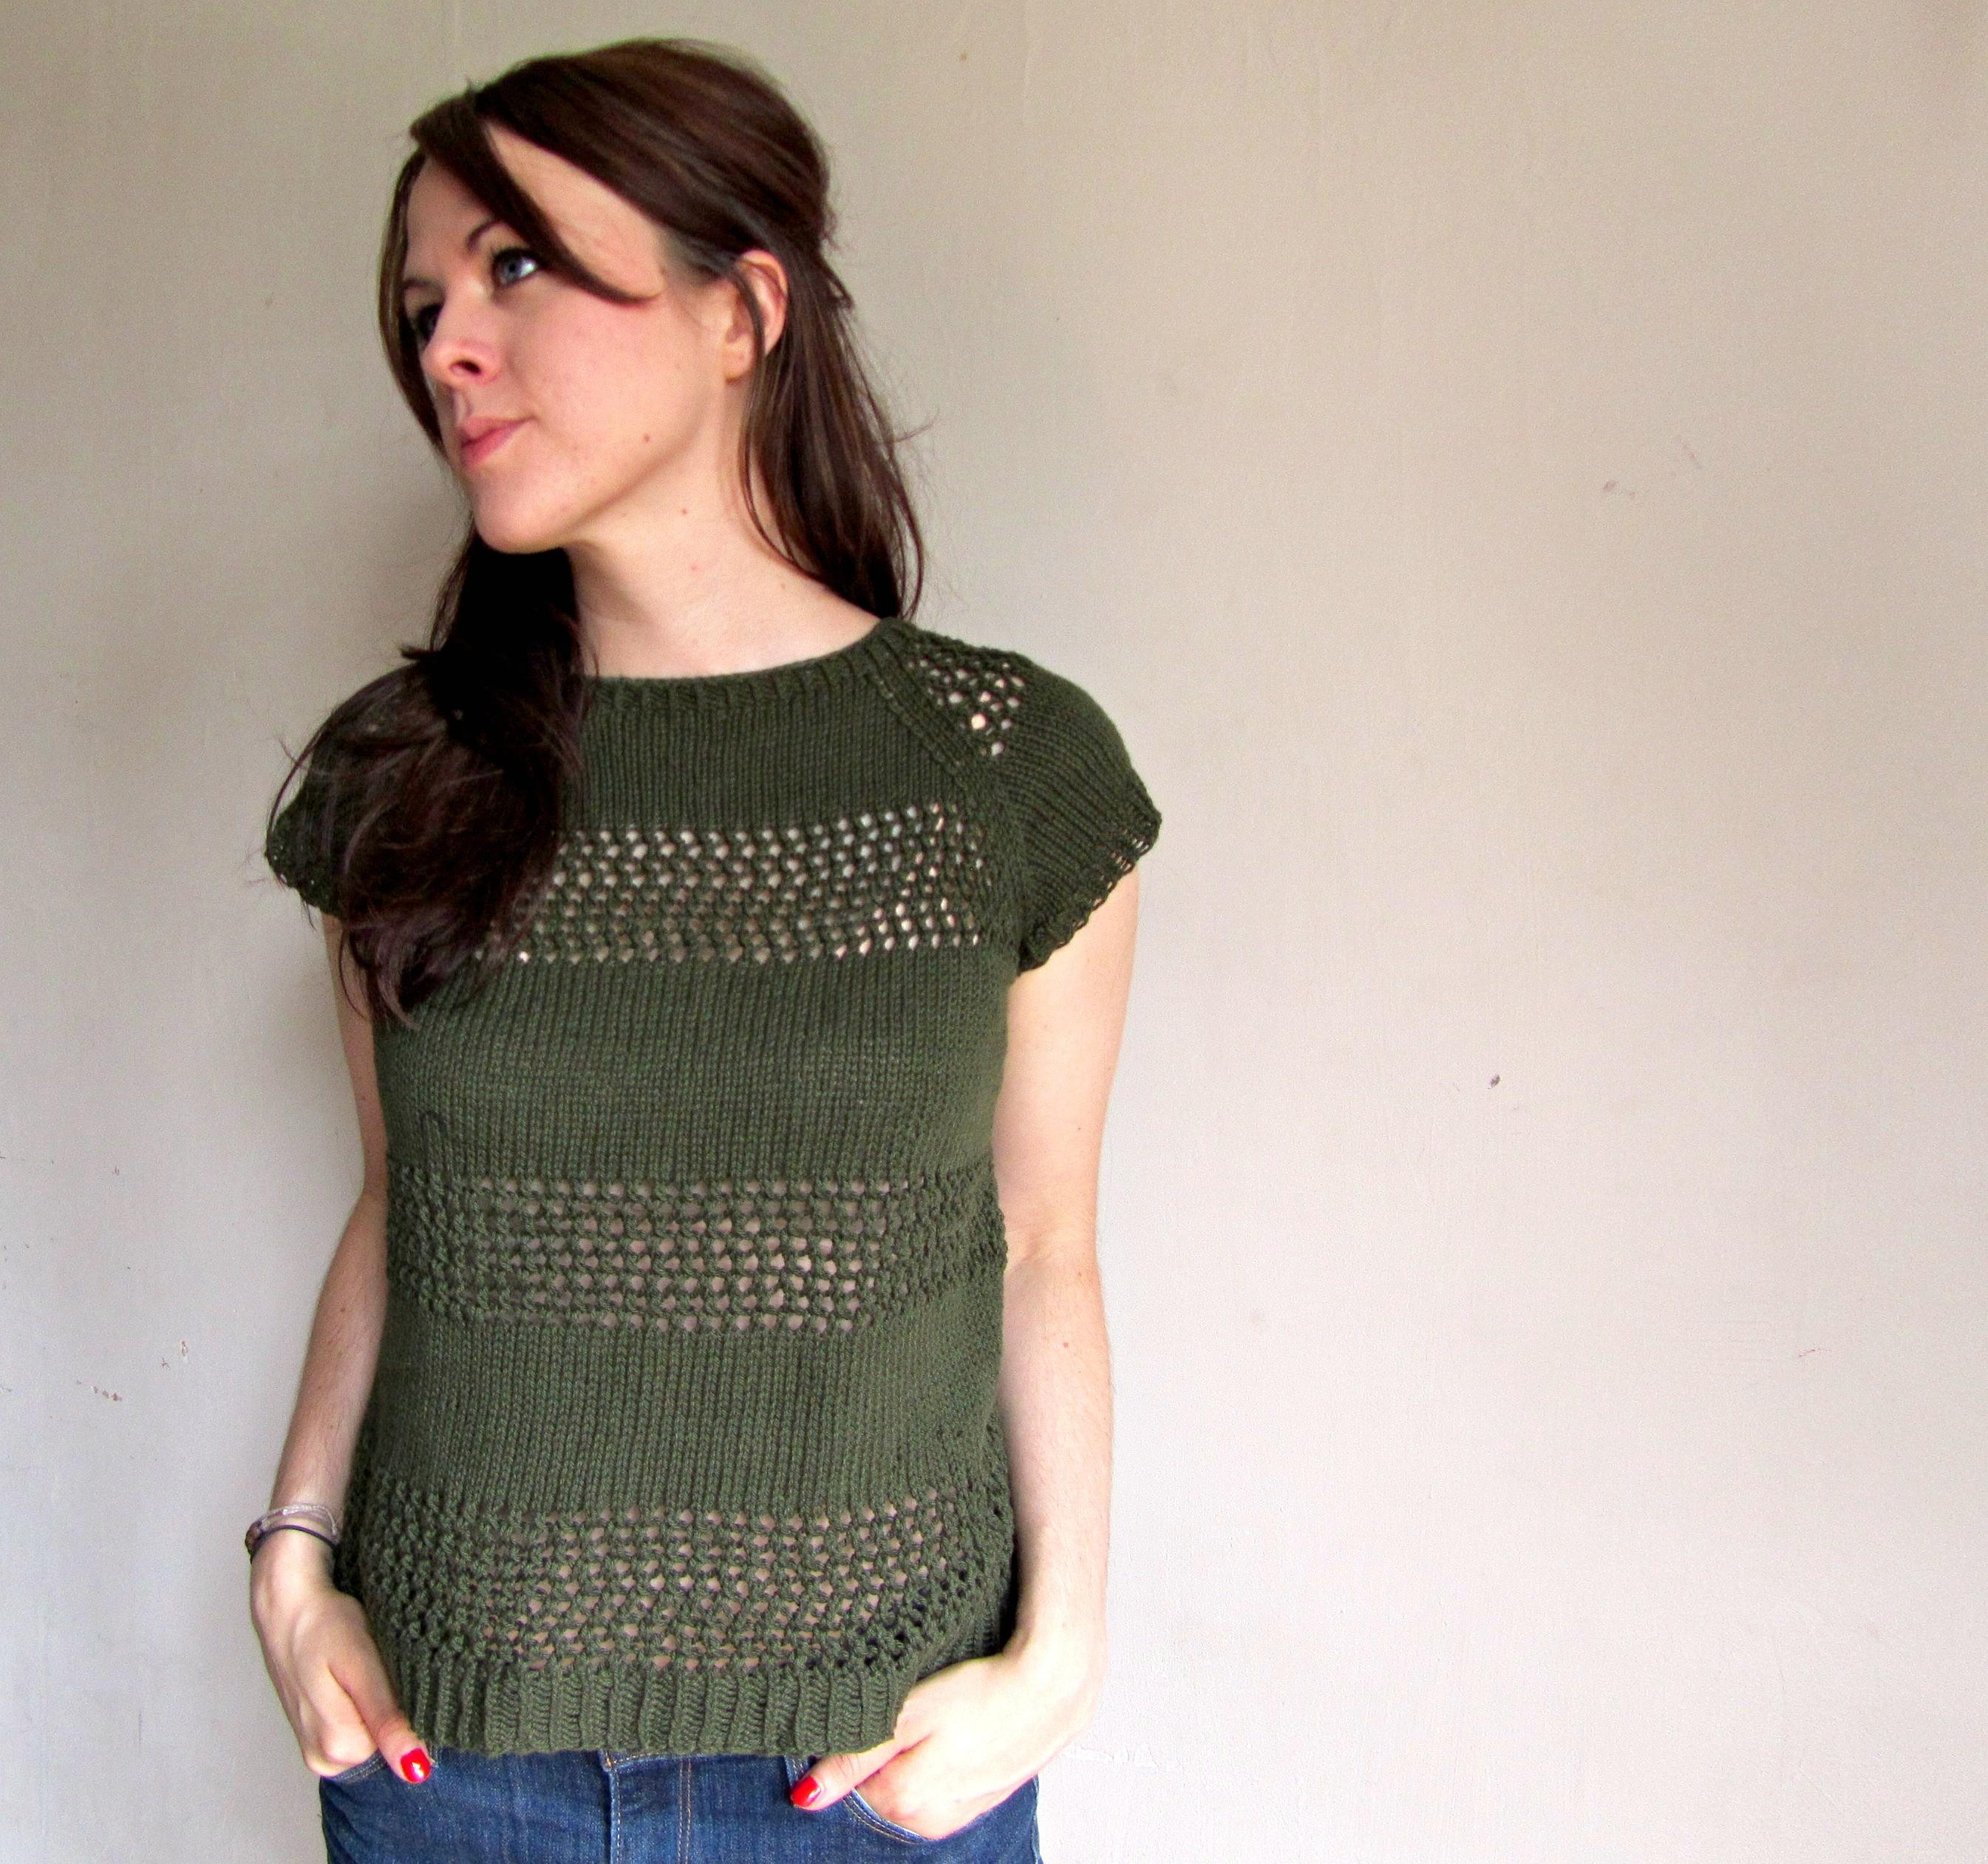 Open-Knit Striped Sweater Sweater Pattern